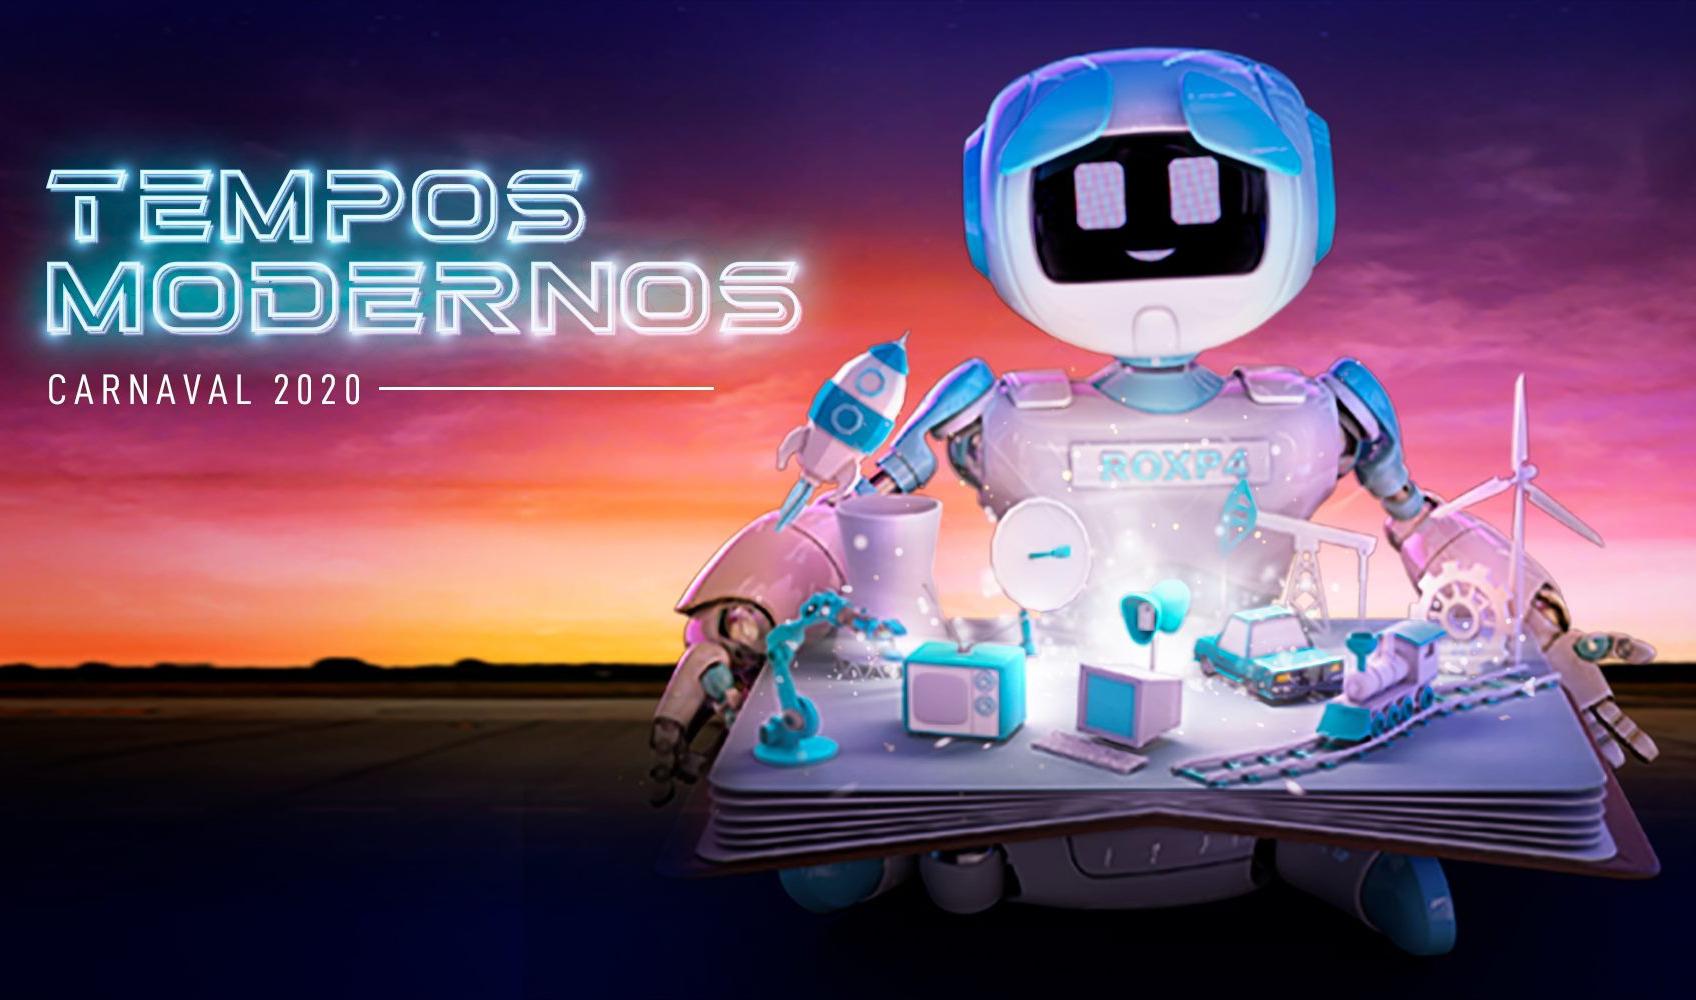 """Robô ROXP4, símbolo do desfile """"Tempos modernos"""", abre o livro das inovações tecnológicas."""